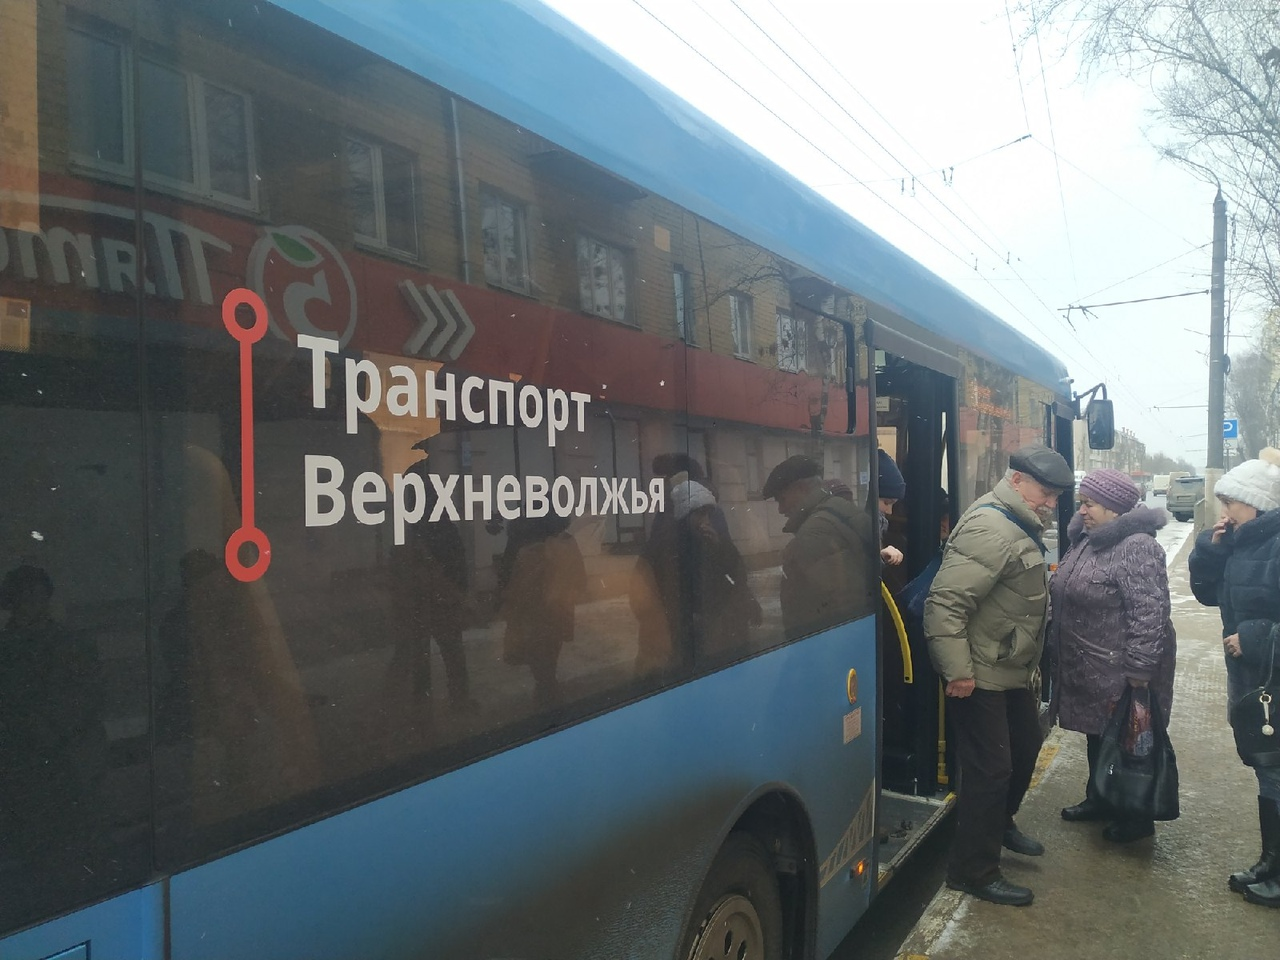 Транспорт Верхневолжья: куда повезут жителей автобусы  № 30, 36, 107, 116 и 117